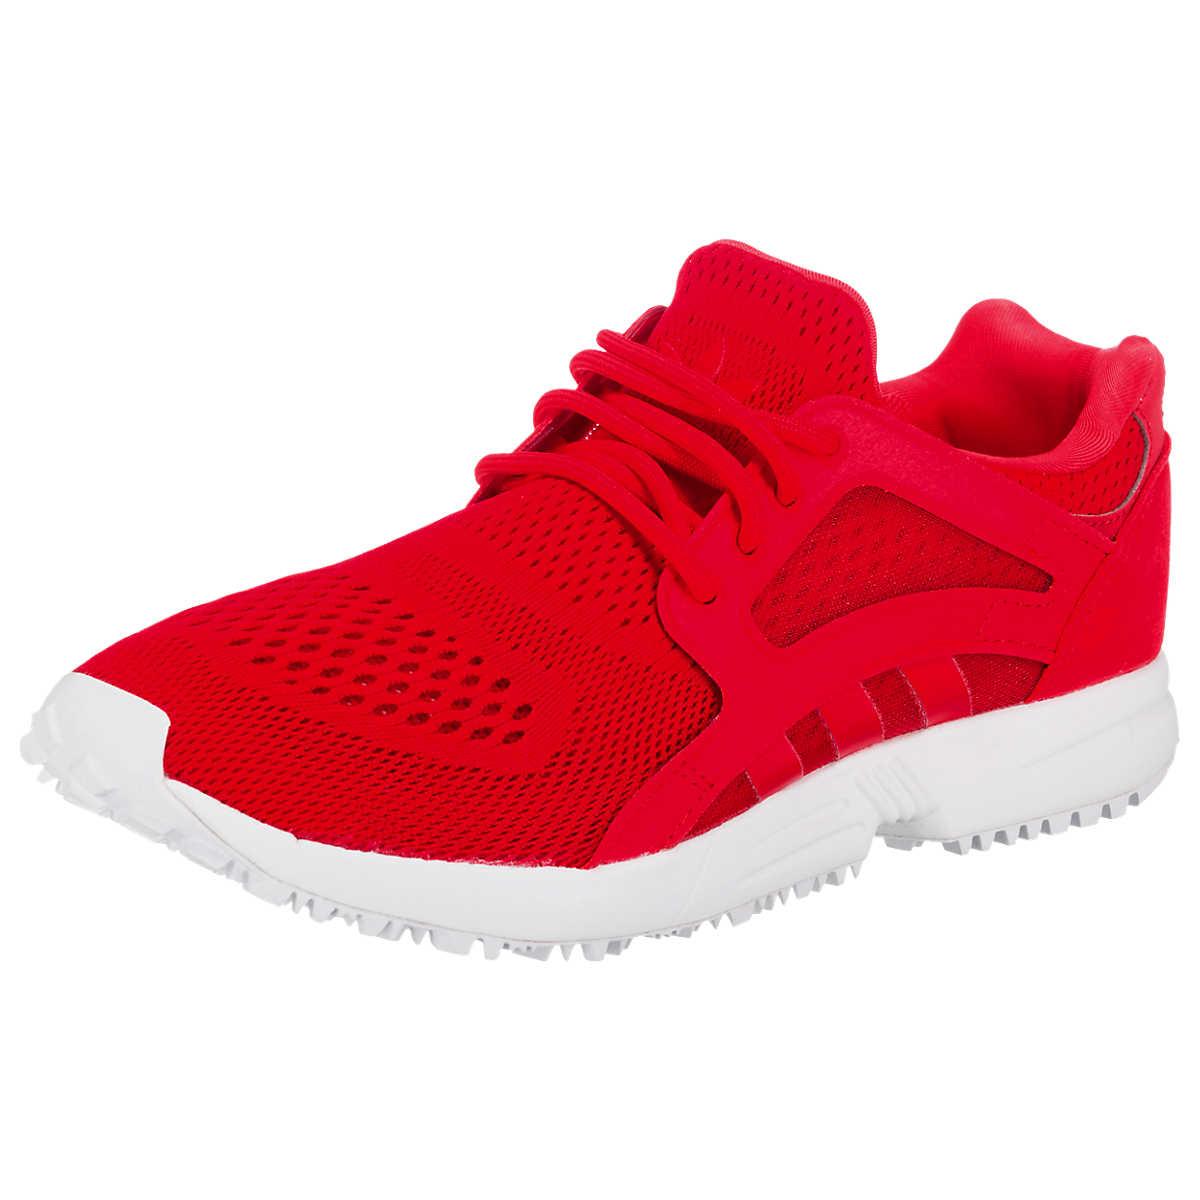 Artikel klicken und genauer betrachten! - Die adidas Originals Racer Lite Em W Sneakers ist ein echtes Fliegengewicht und trägt sich deshalb besonders angenehm. Das textile Obermaterial ist atmungsaktiv und sorgt so für ein ausgewogenes Fußkl[...]. Weitere Informationen finden Sie unter mirapodo.de. | im Online Shop kaufen